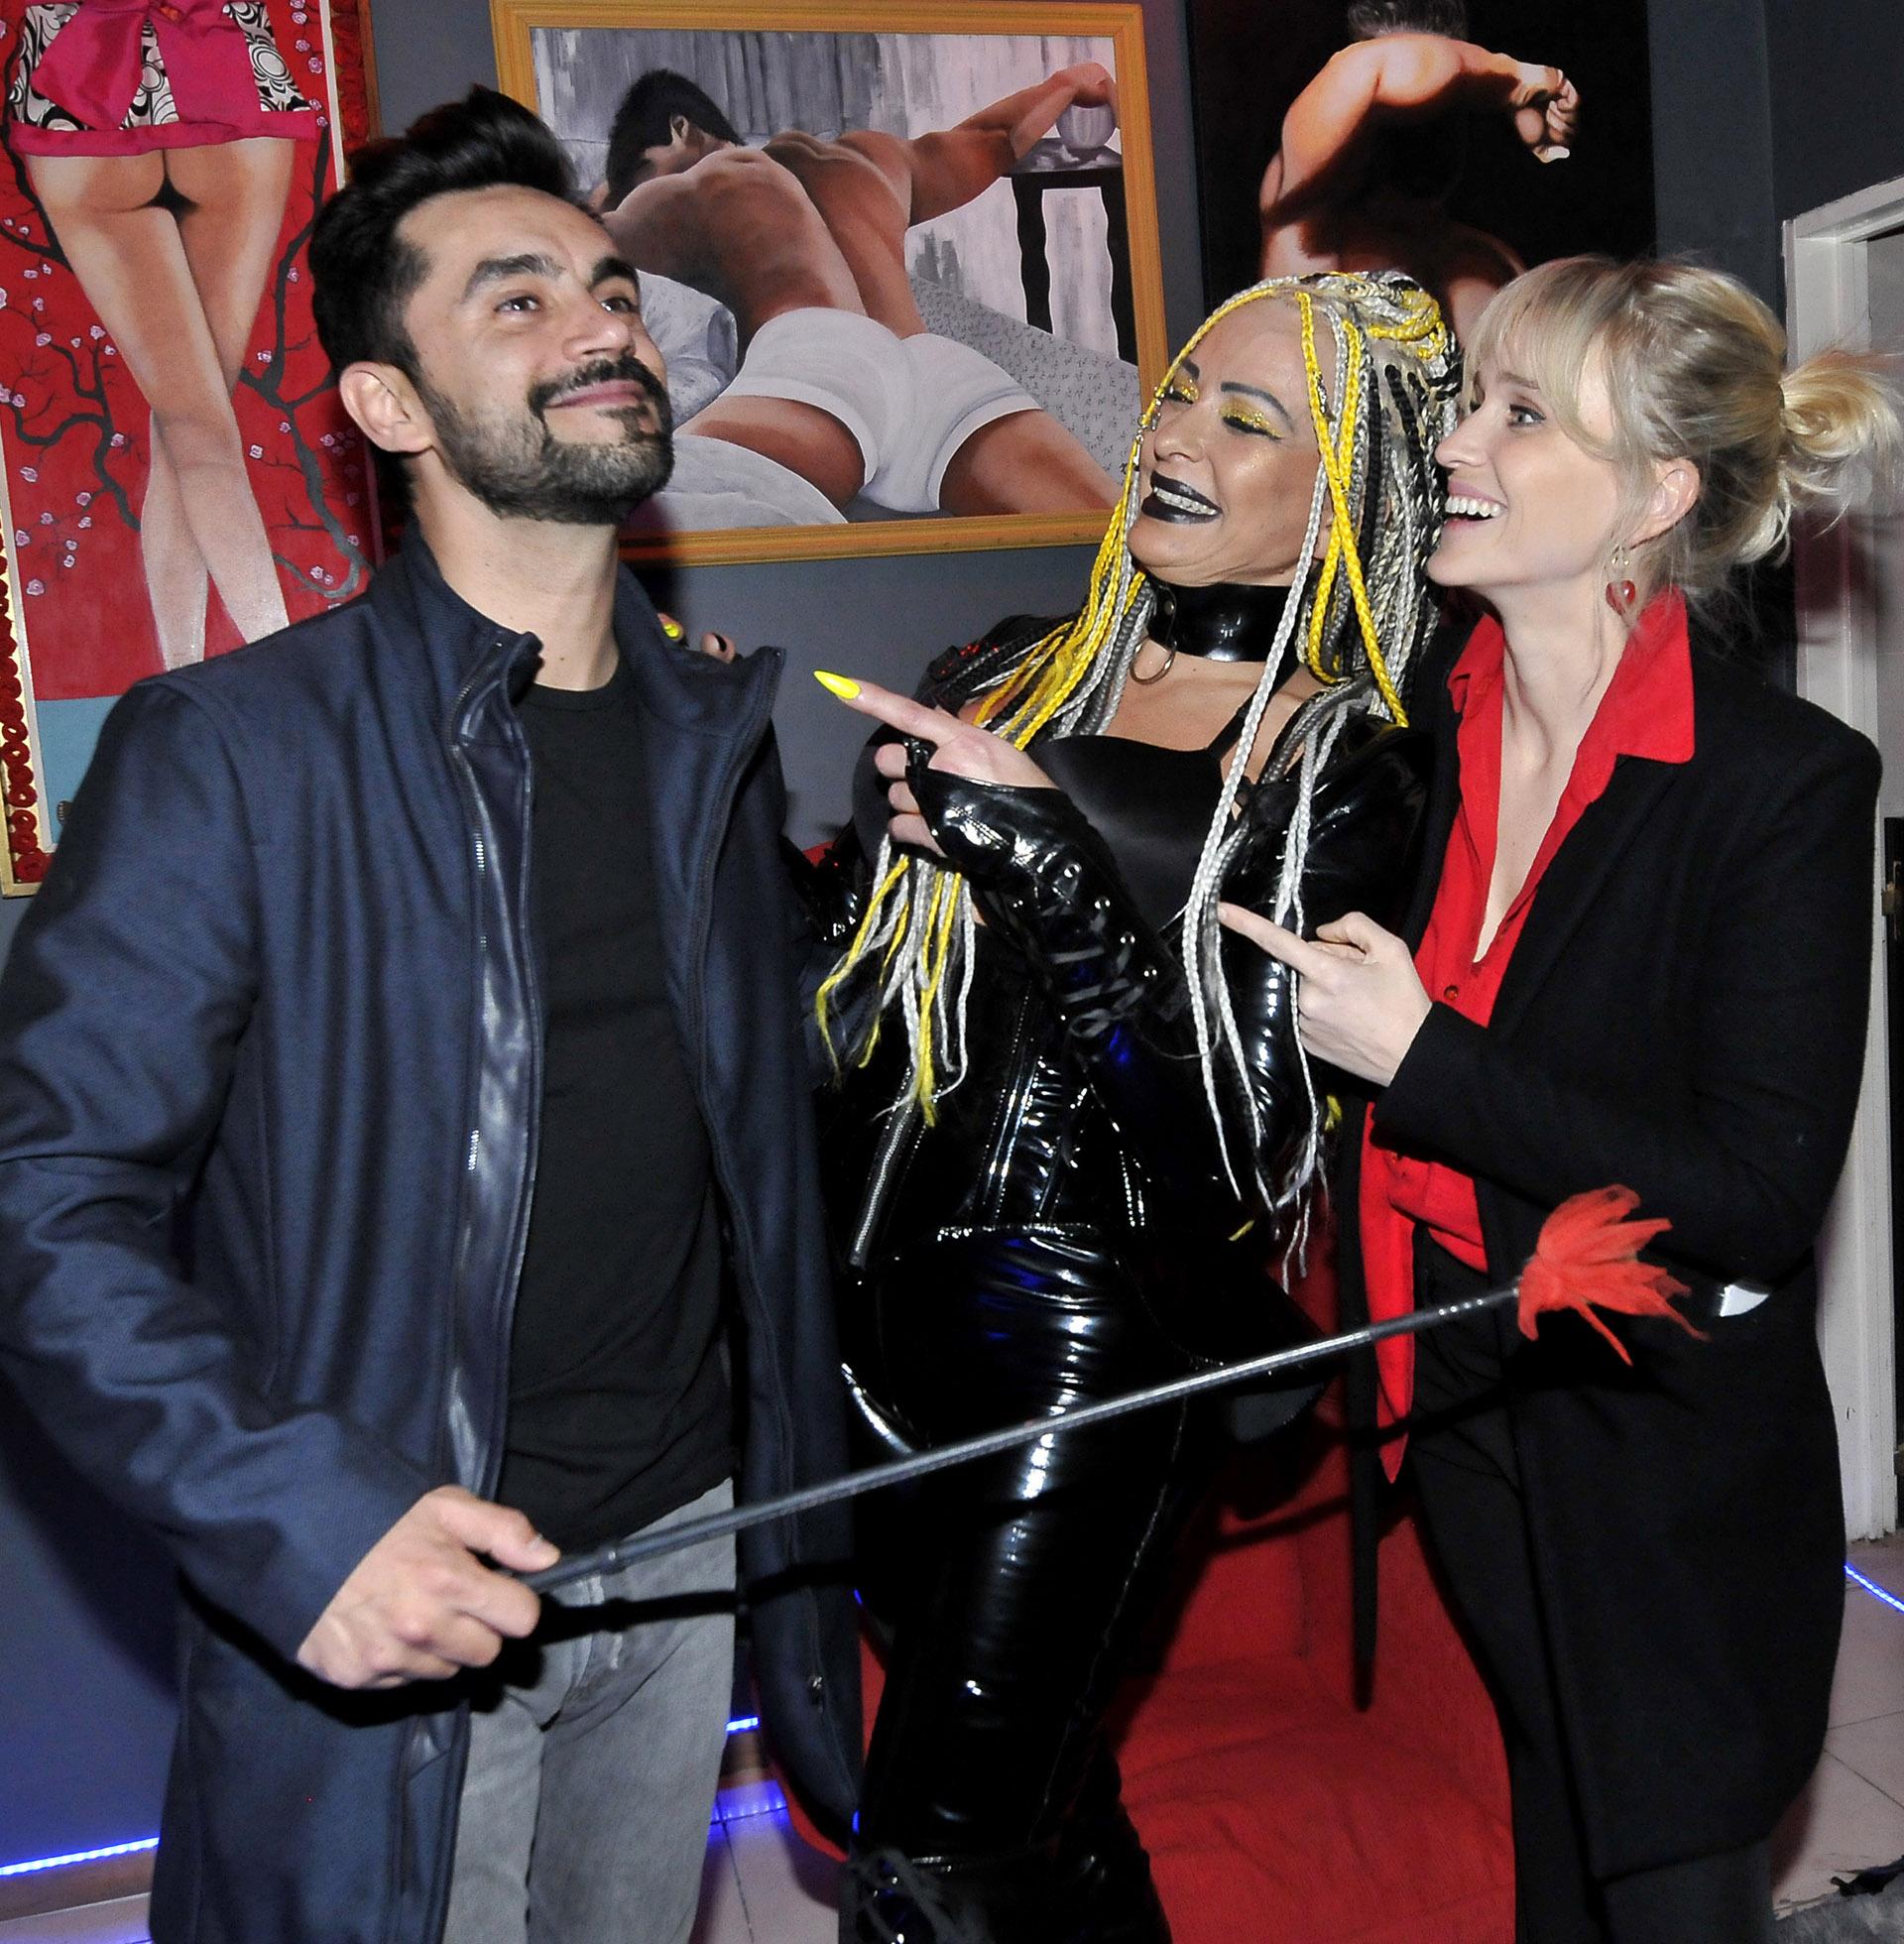 """Gonzalo Heredia y Brenda Gandini visitaron la obra """"Sex"""", donde participa Daniela Cardone, la mamá de la actriz. Y se divirtieron de lo lindo (Foto: Darío Batallan / Teleshow)"""